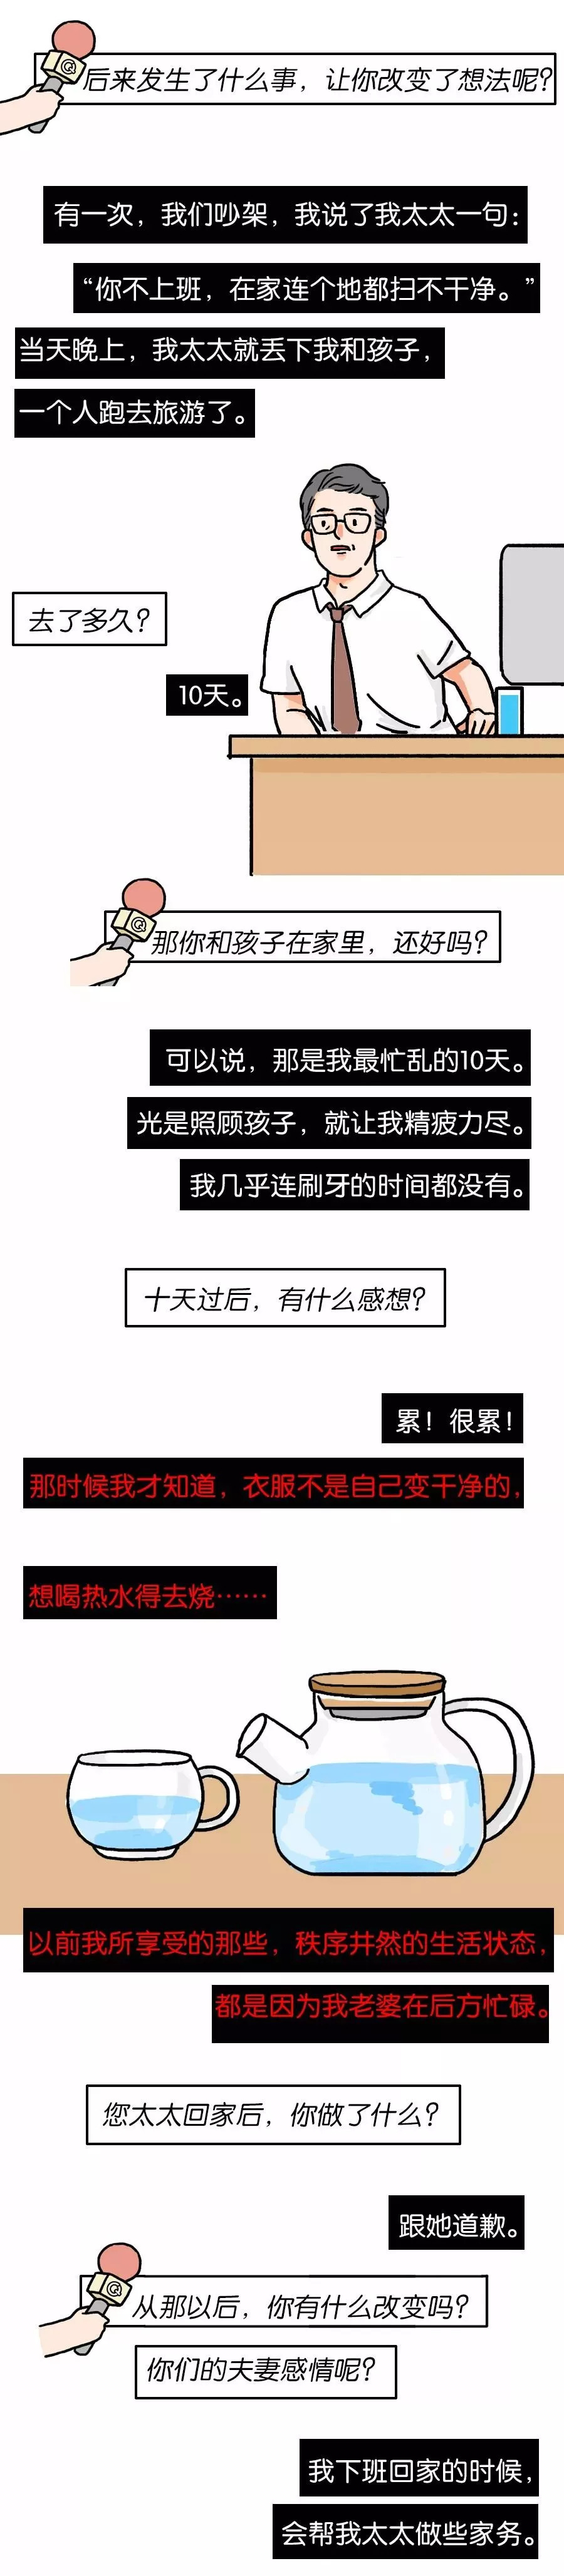 美高梅手机版官方网站 25